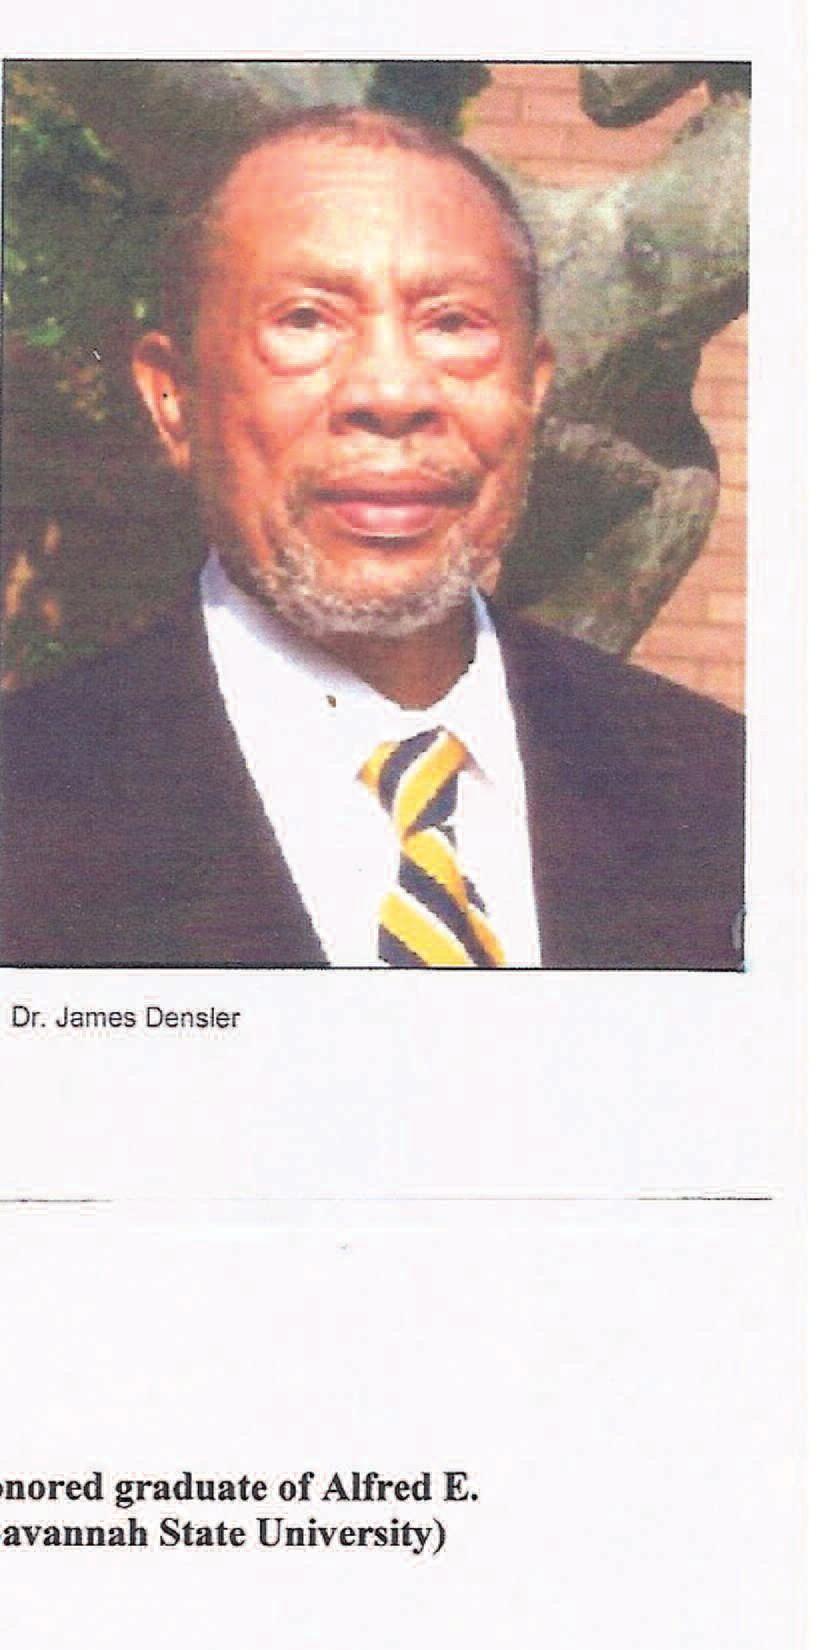 James F. Densler, M.D.